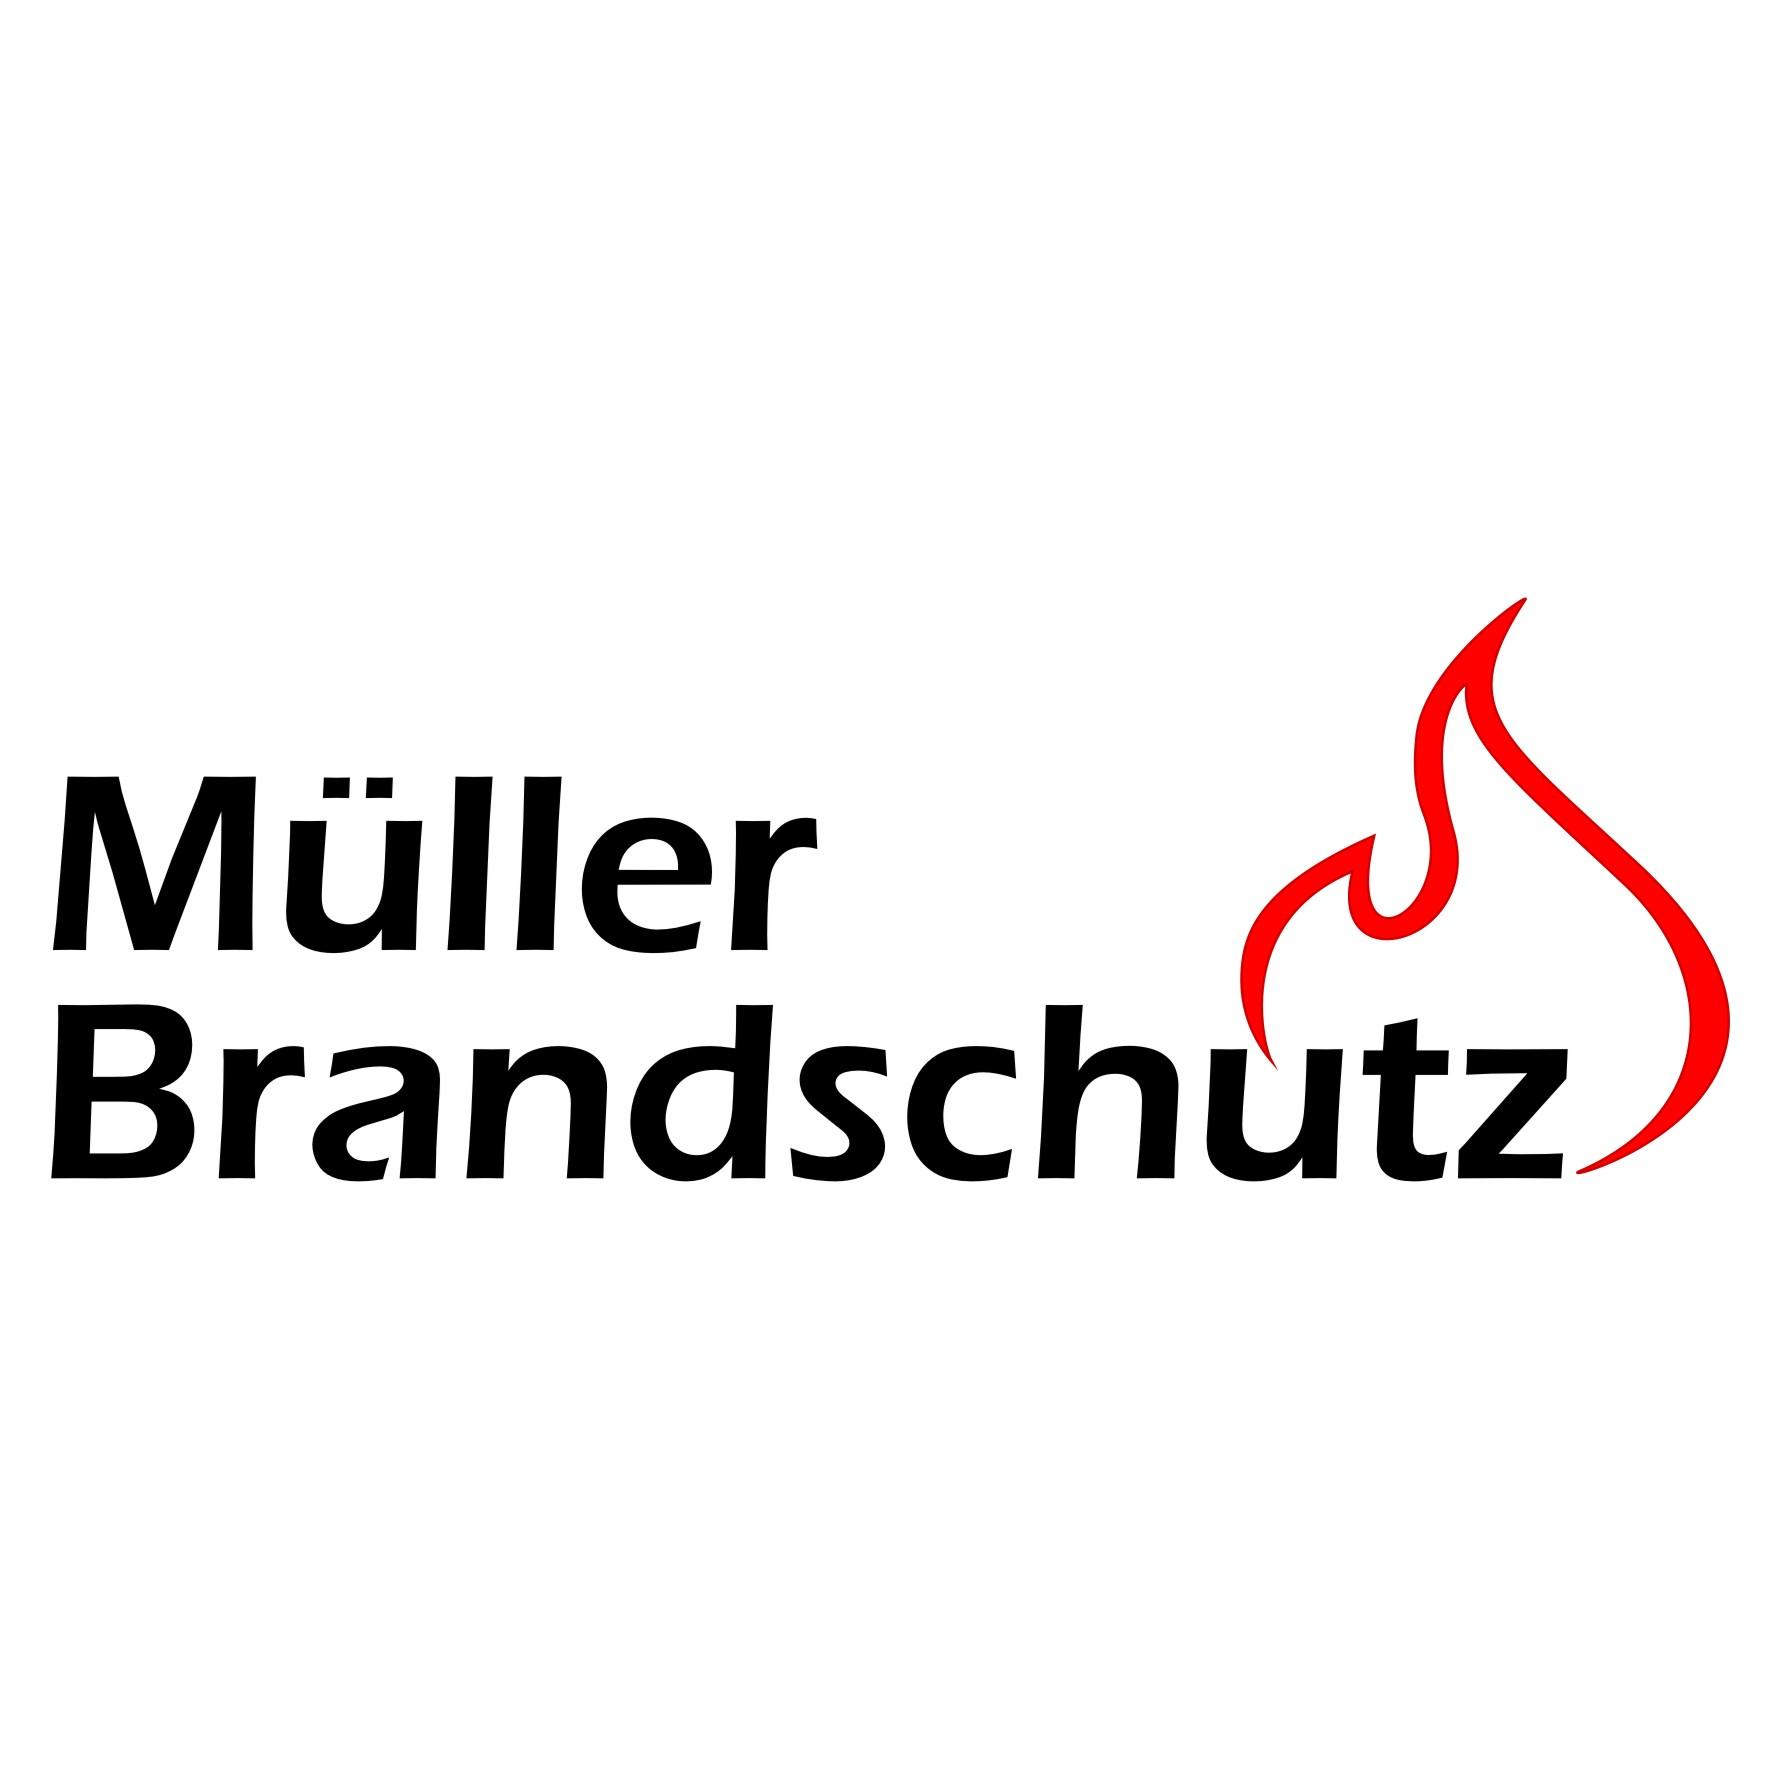 Müller Brandschutz GmbH